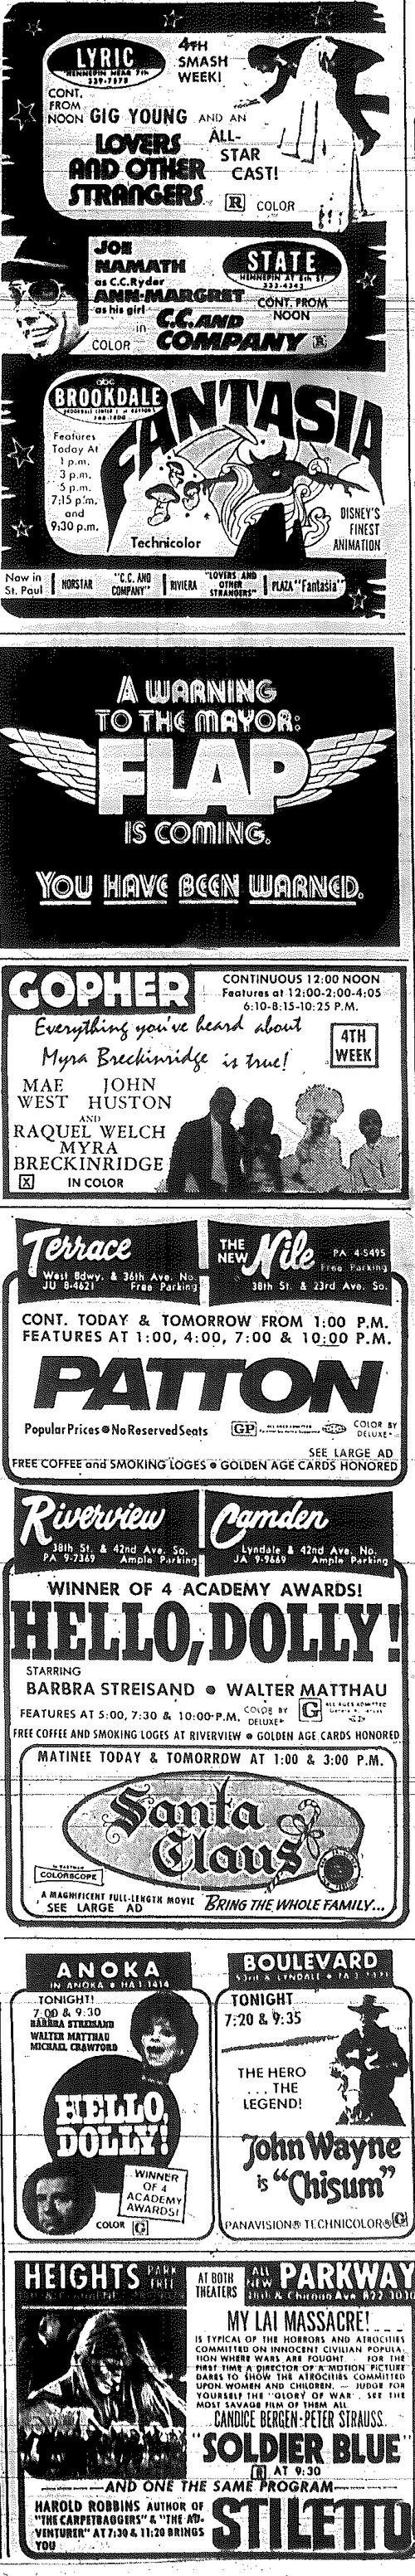 Minnesota Movie Ad 1970 4